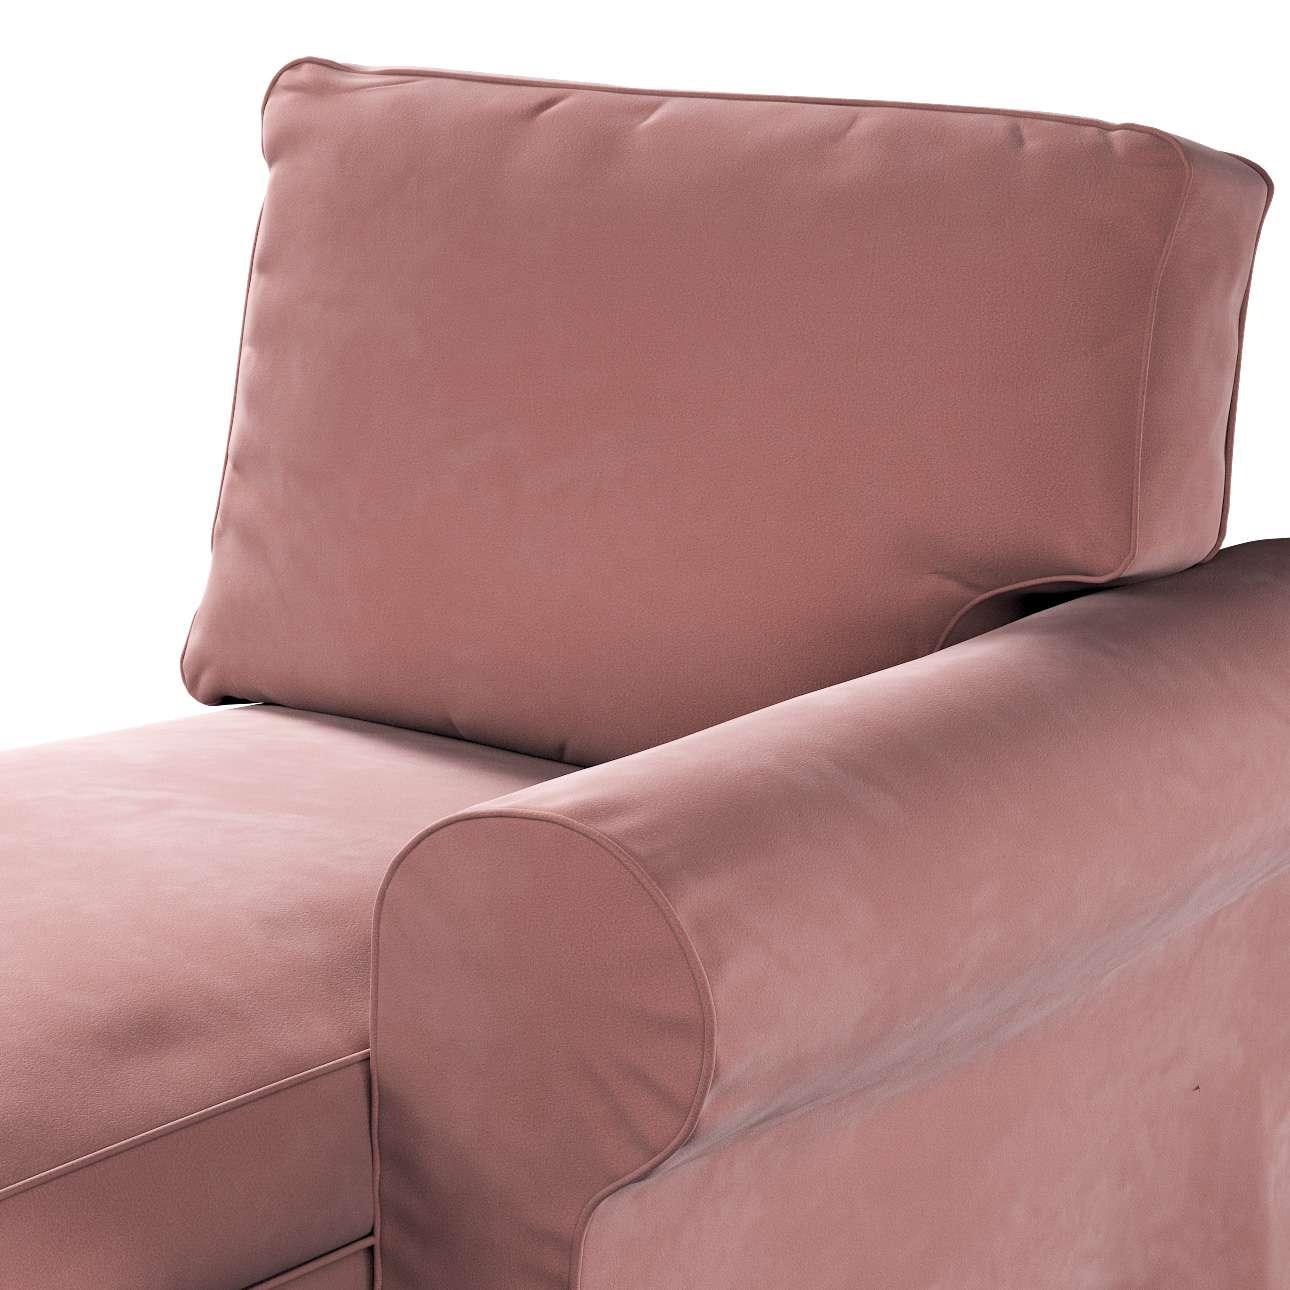 Pokrowiec na szezlong Ektorp prawy w kolekcji Velvet, tkanina: 704-30